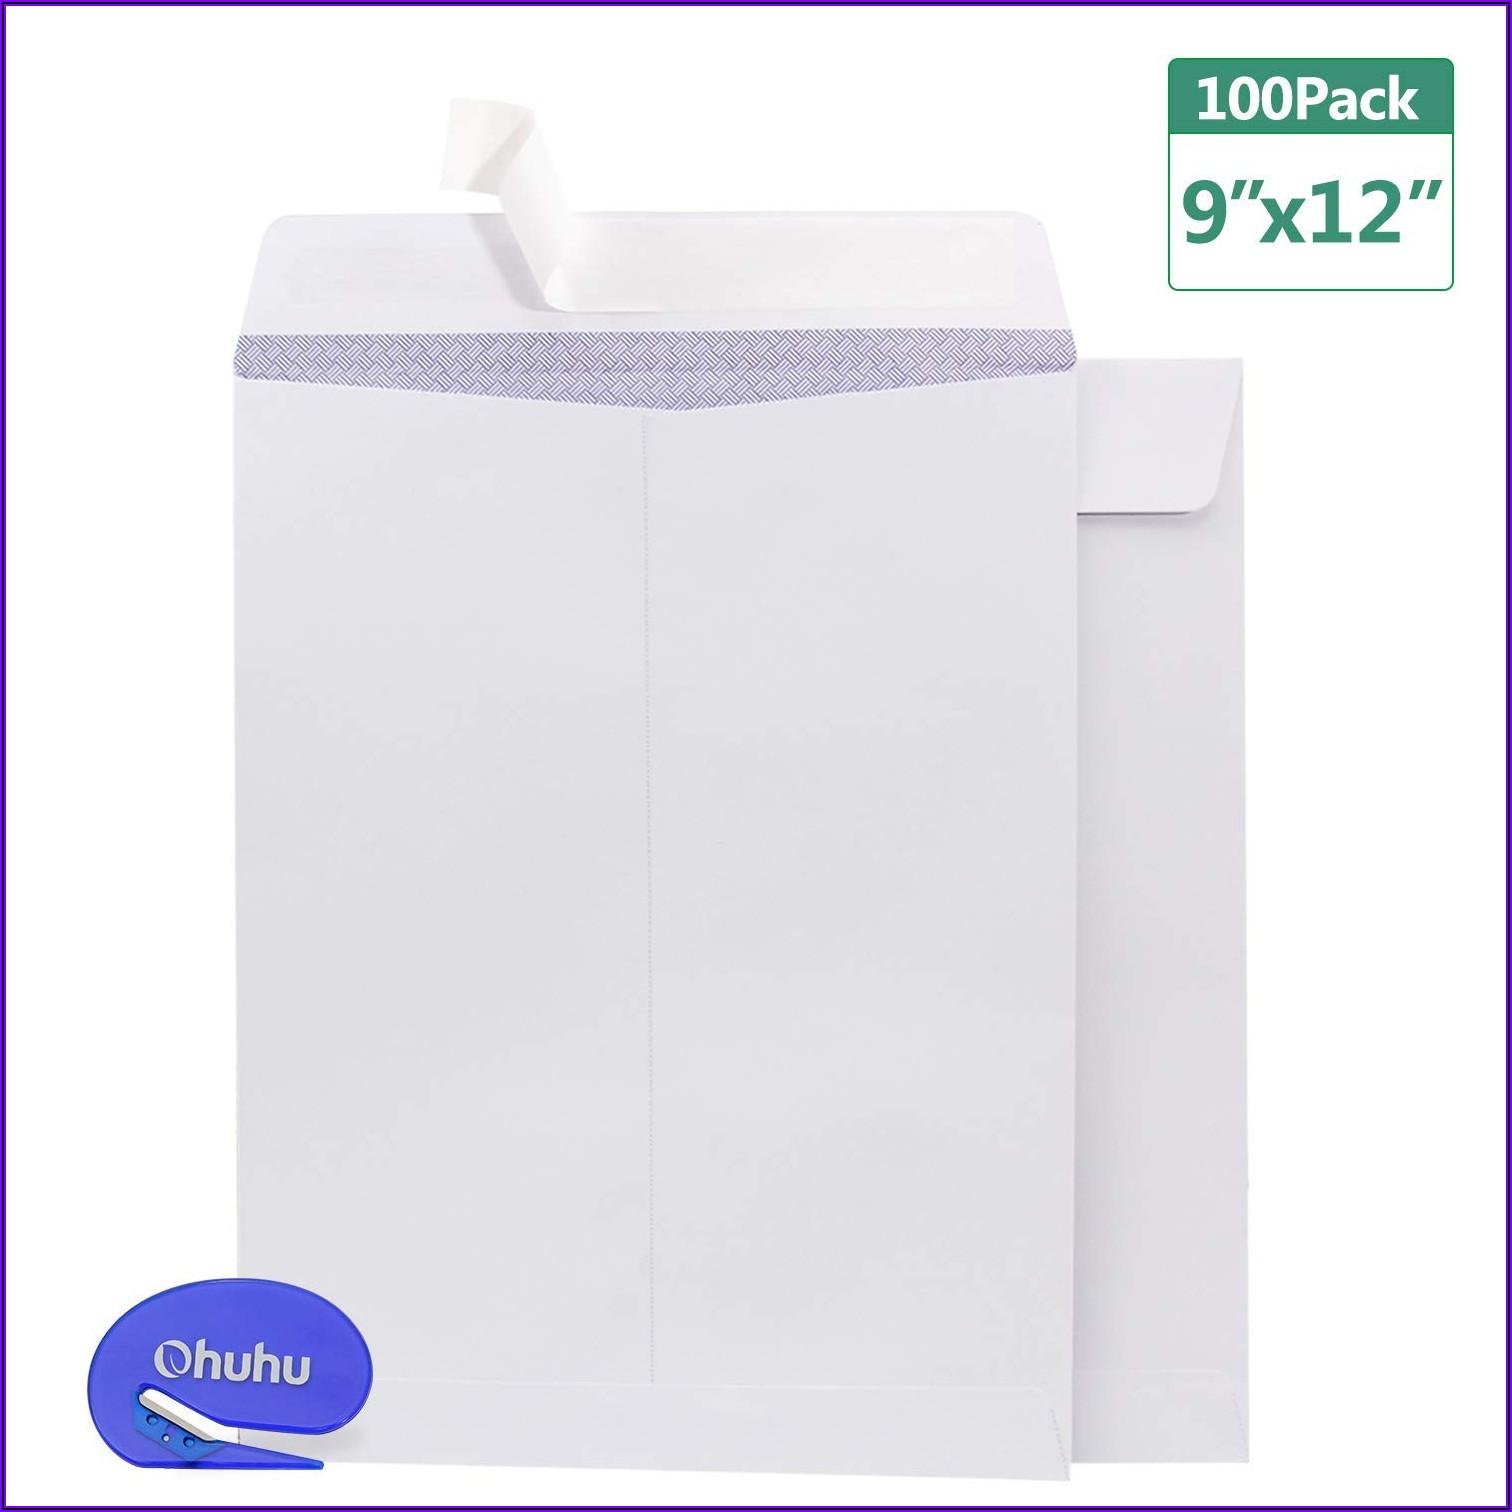 9 X 12 White Security Envelopes